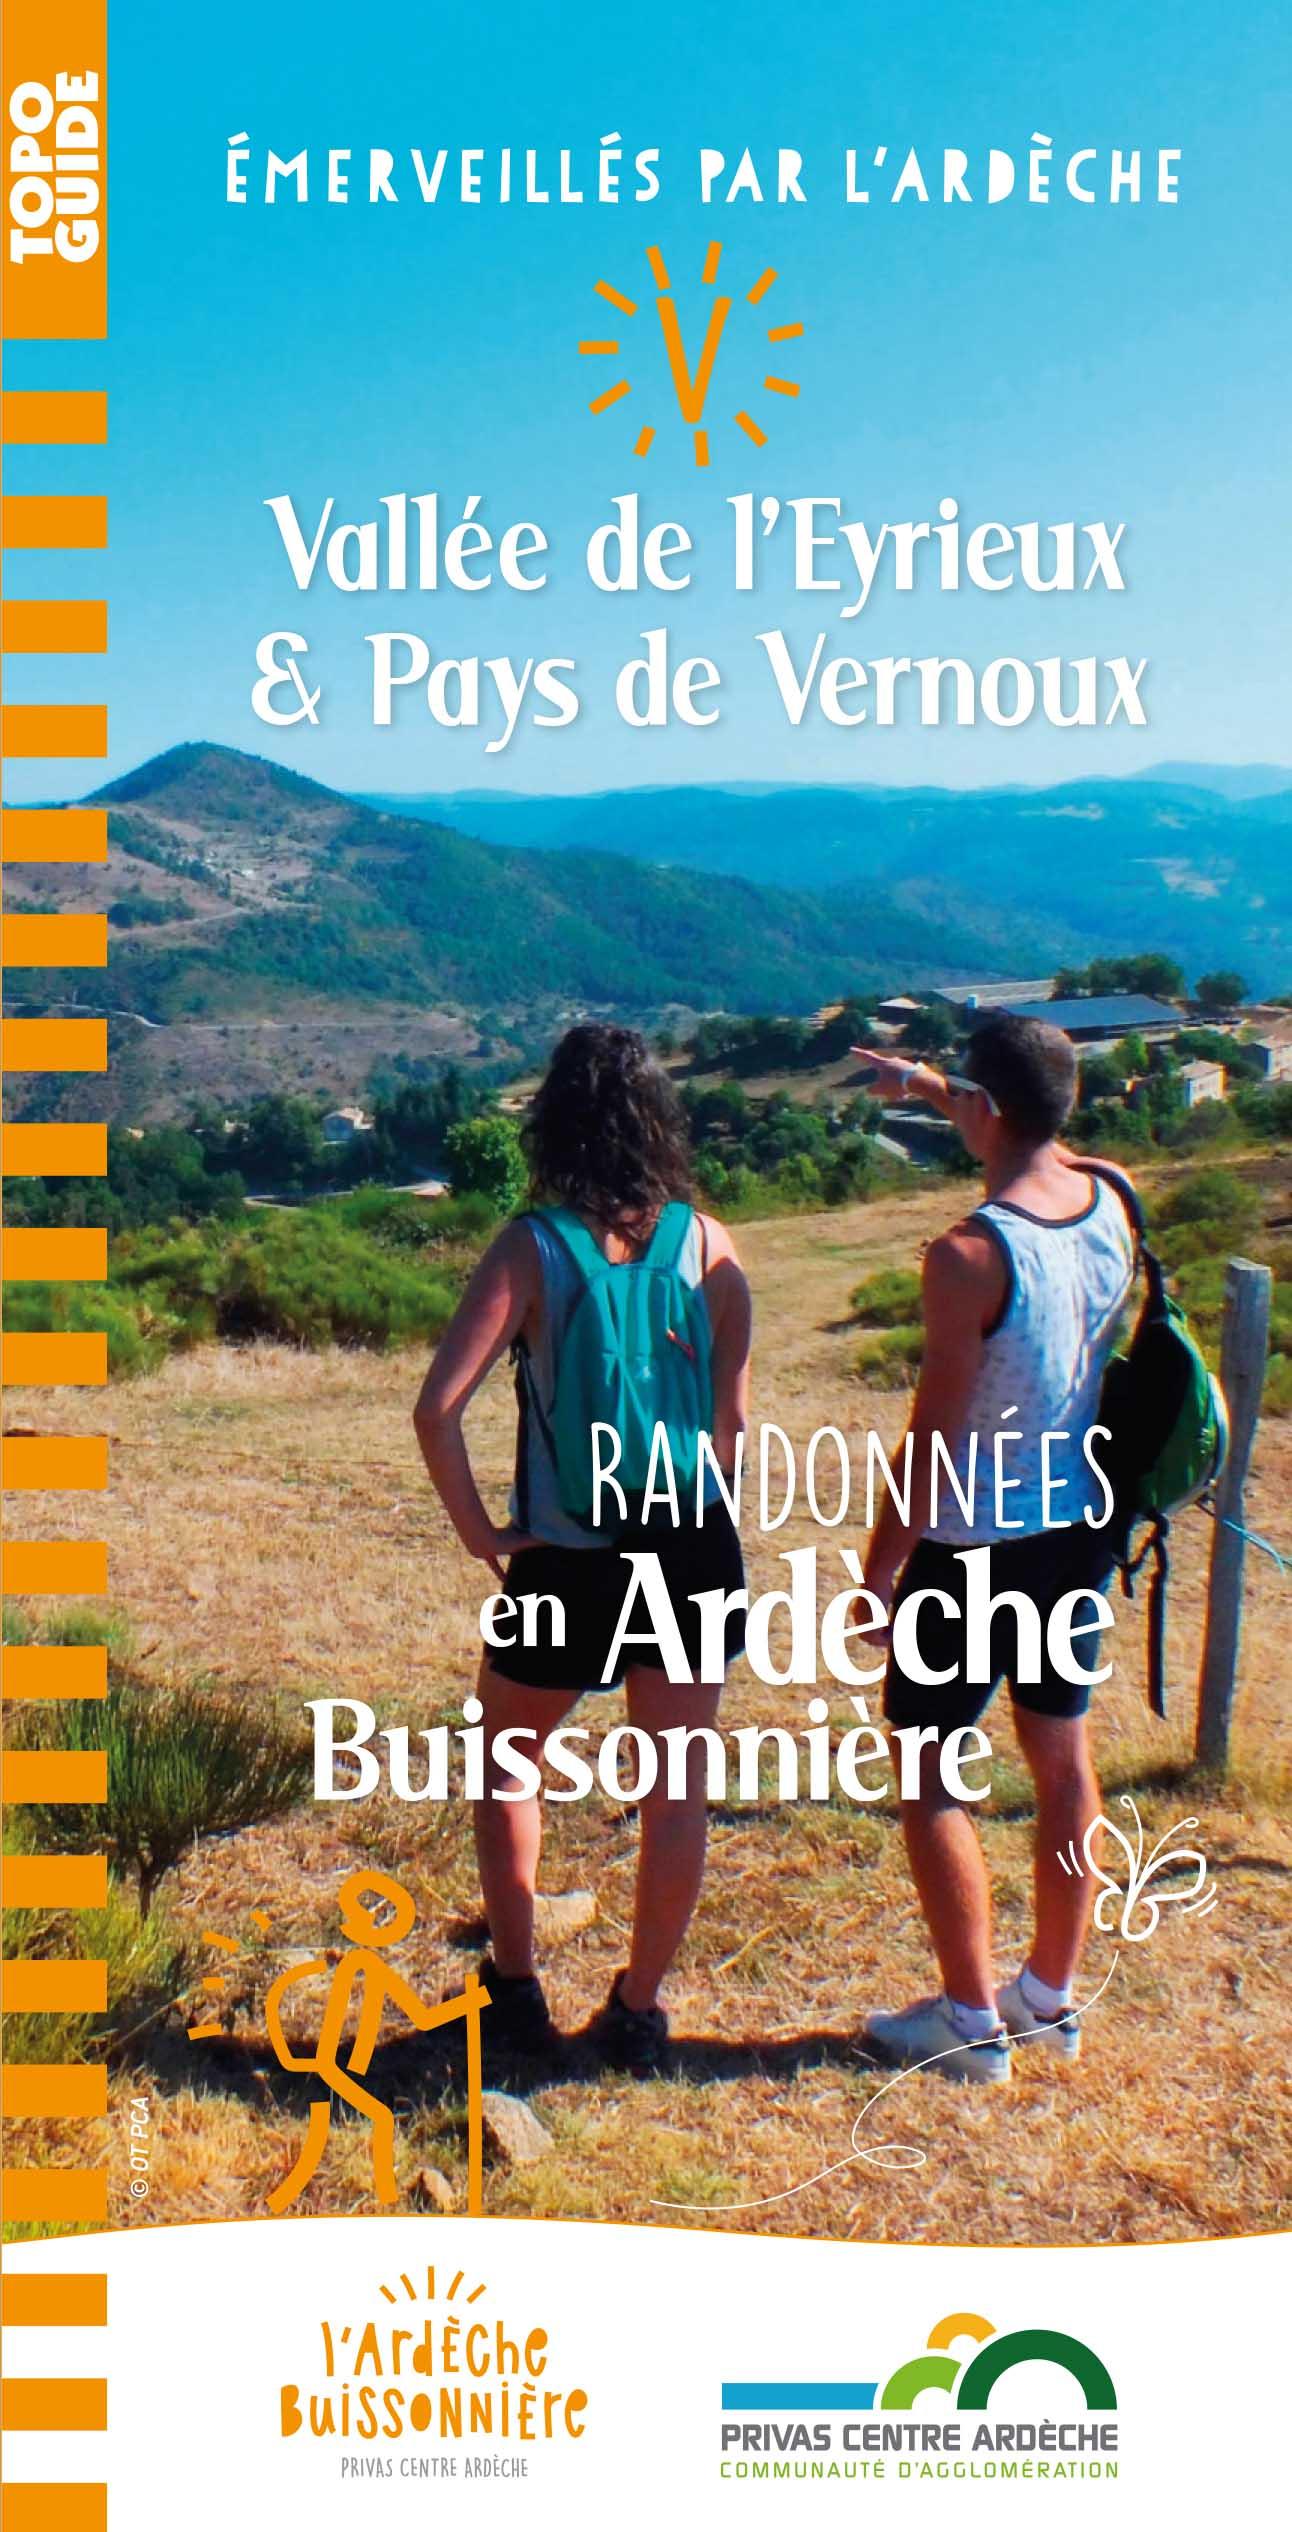 Topoguide des randonnées : Vallée de l'Eyrieux et Pays de Vernoux